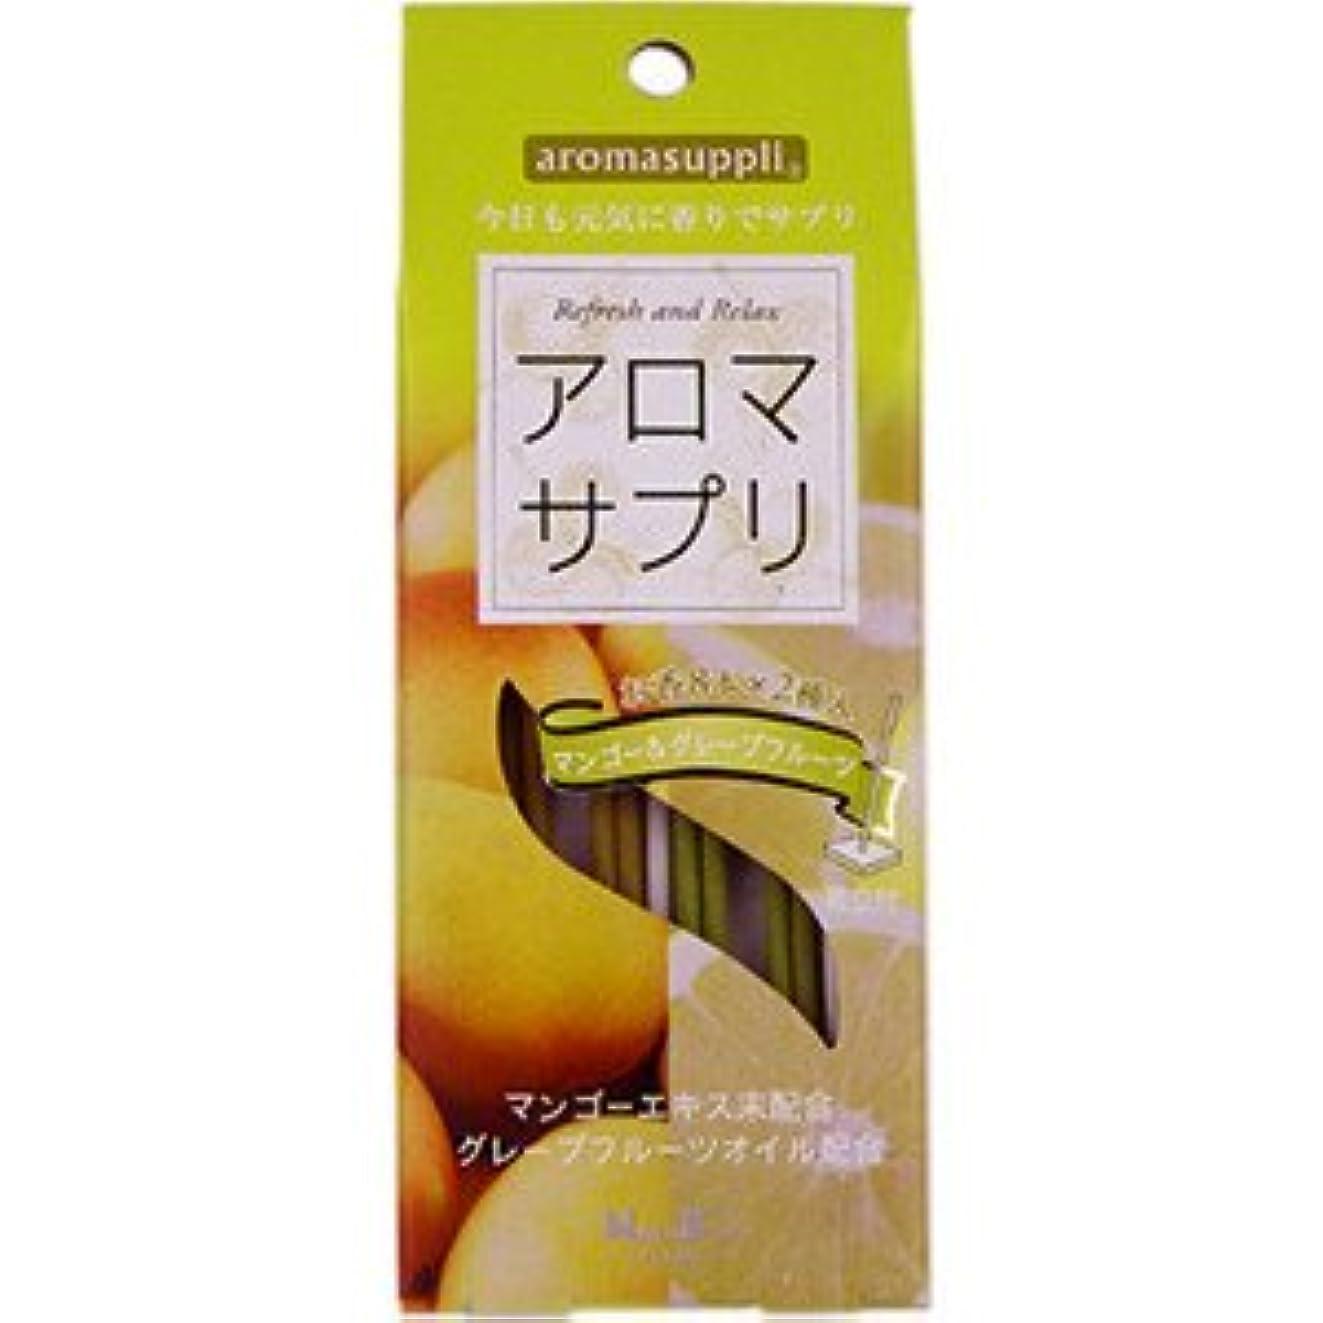 器具失敗発表する日本香堂 アロマサプリ マンゴー&グレープフルーツ